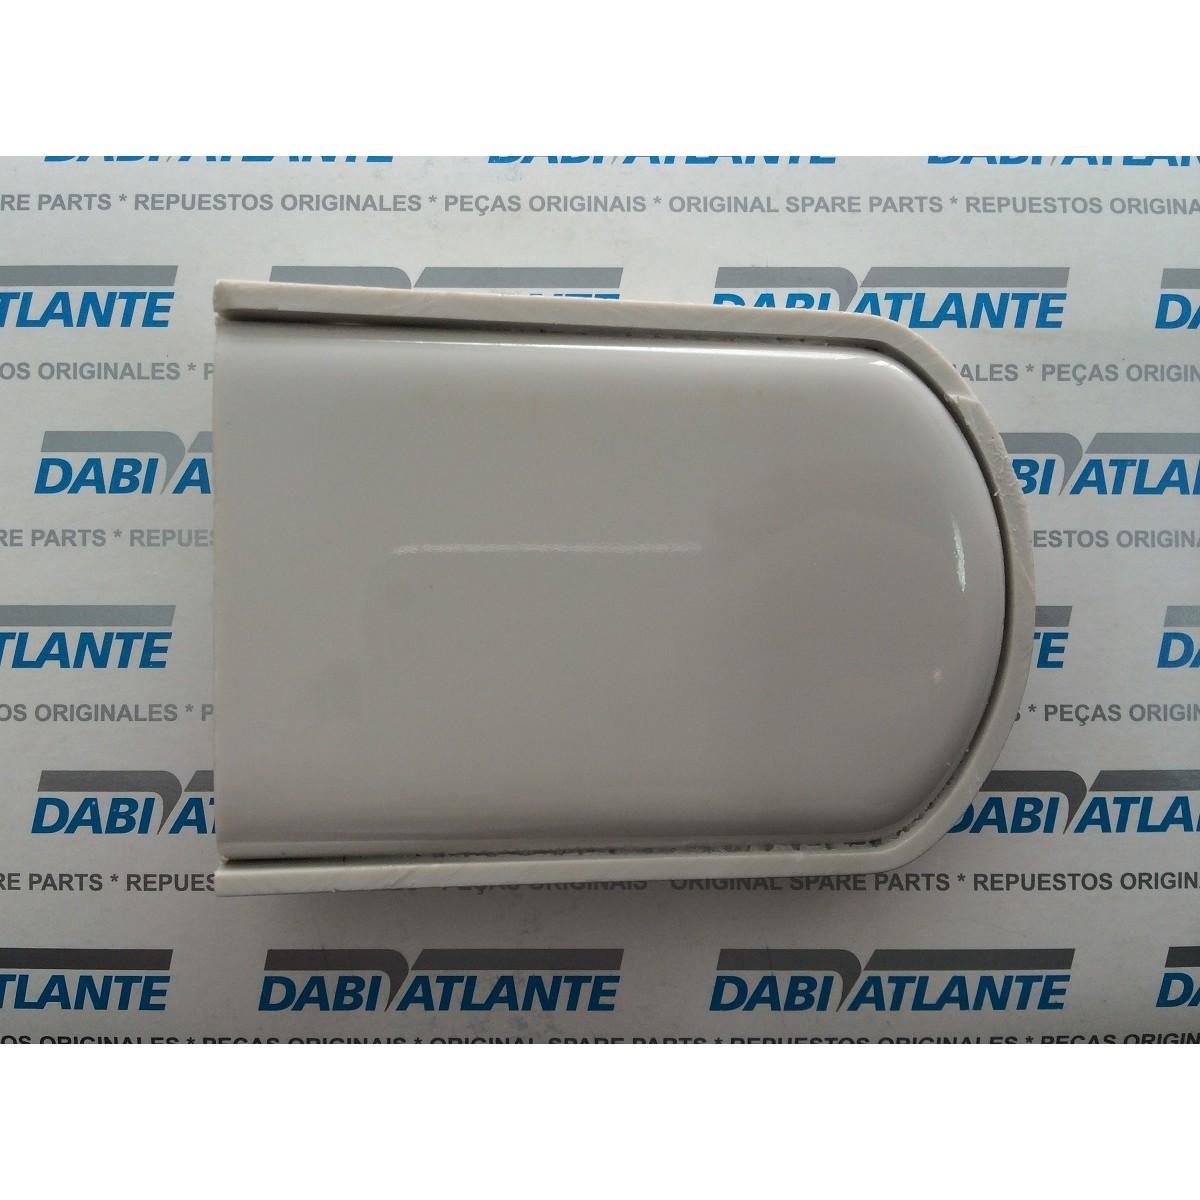 Manipulo / Acabamento da Maçaneta do Autoclave 12L / 21L - Dabi Atlante / D700 - Sob Encomenda  - DABI ATLANTE - TOP ODONTO